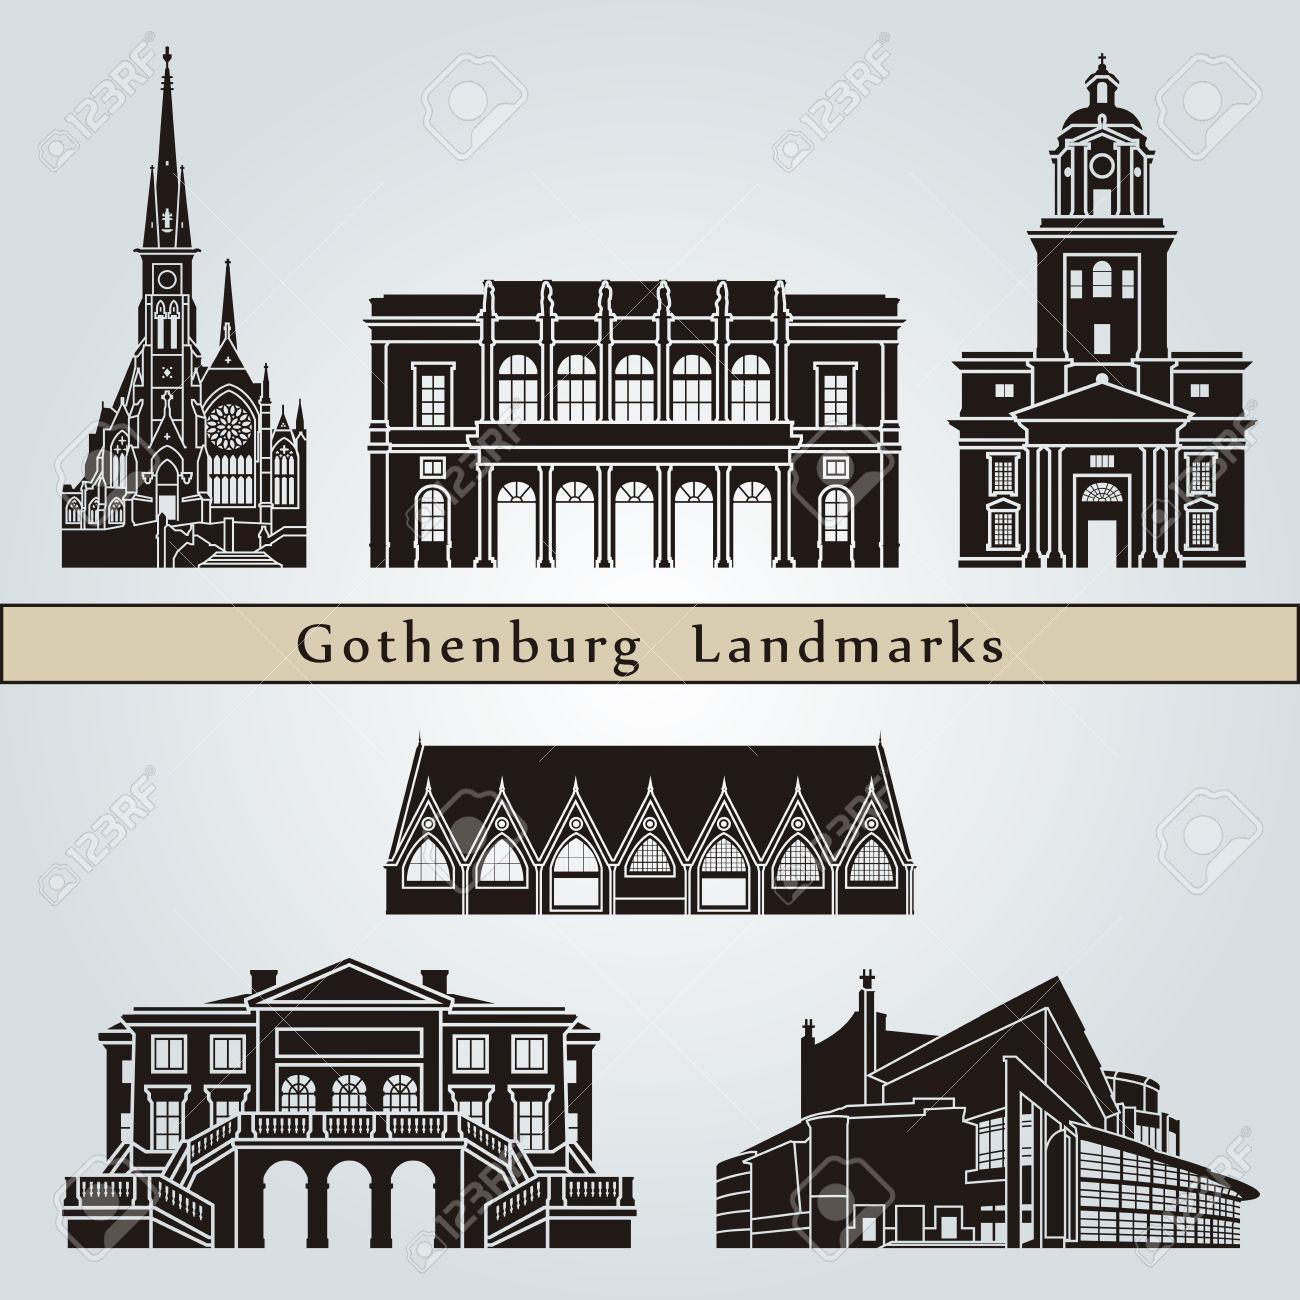 Gothenburg Landmarks And Monuments Isolated On Blue Background.